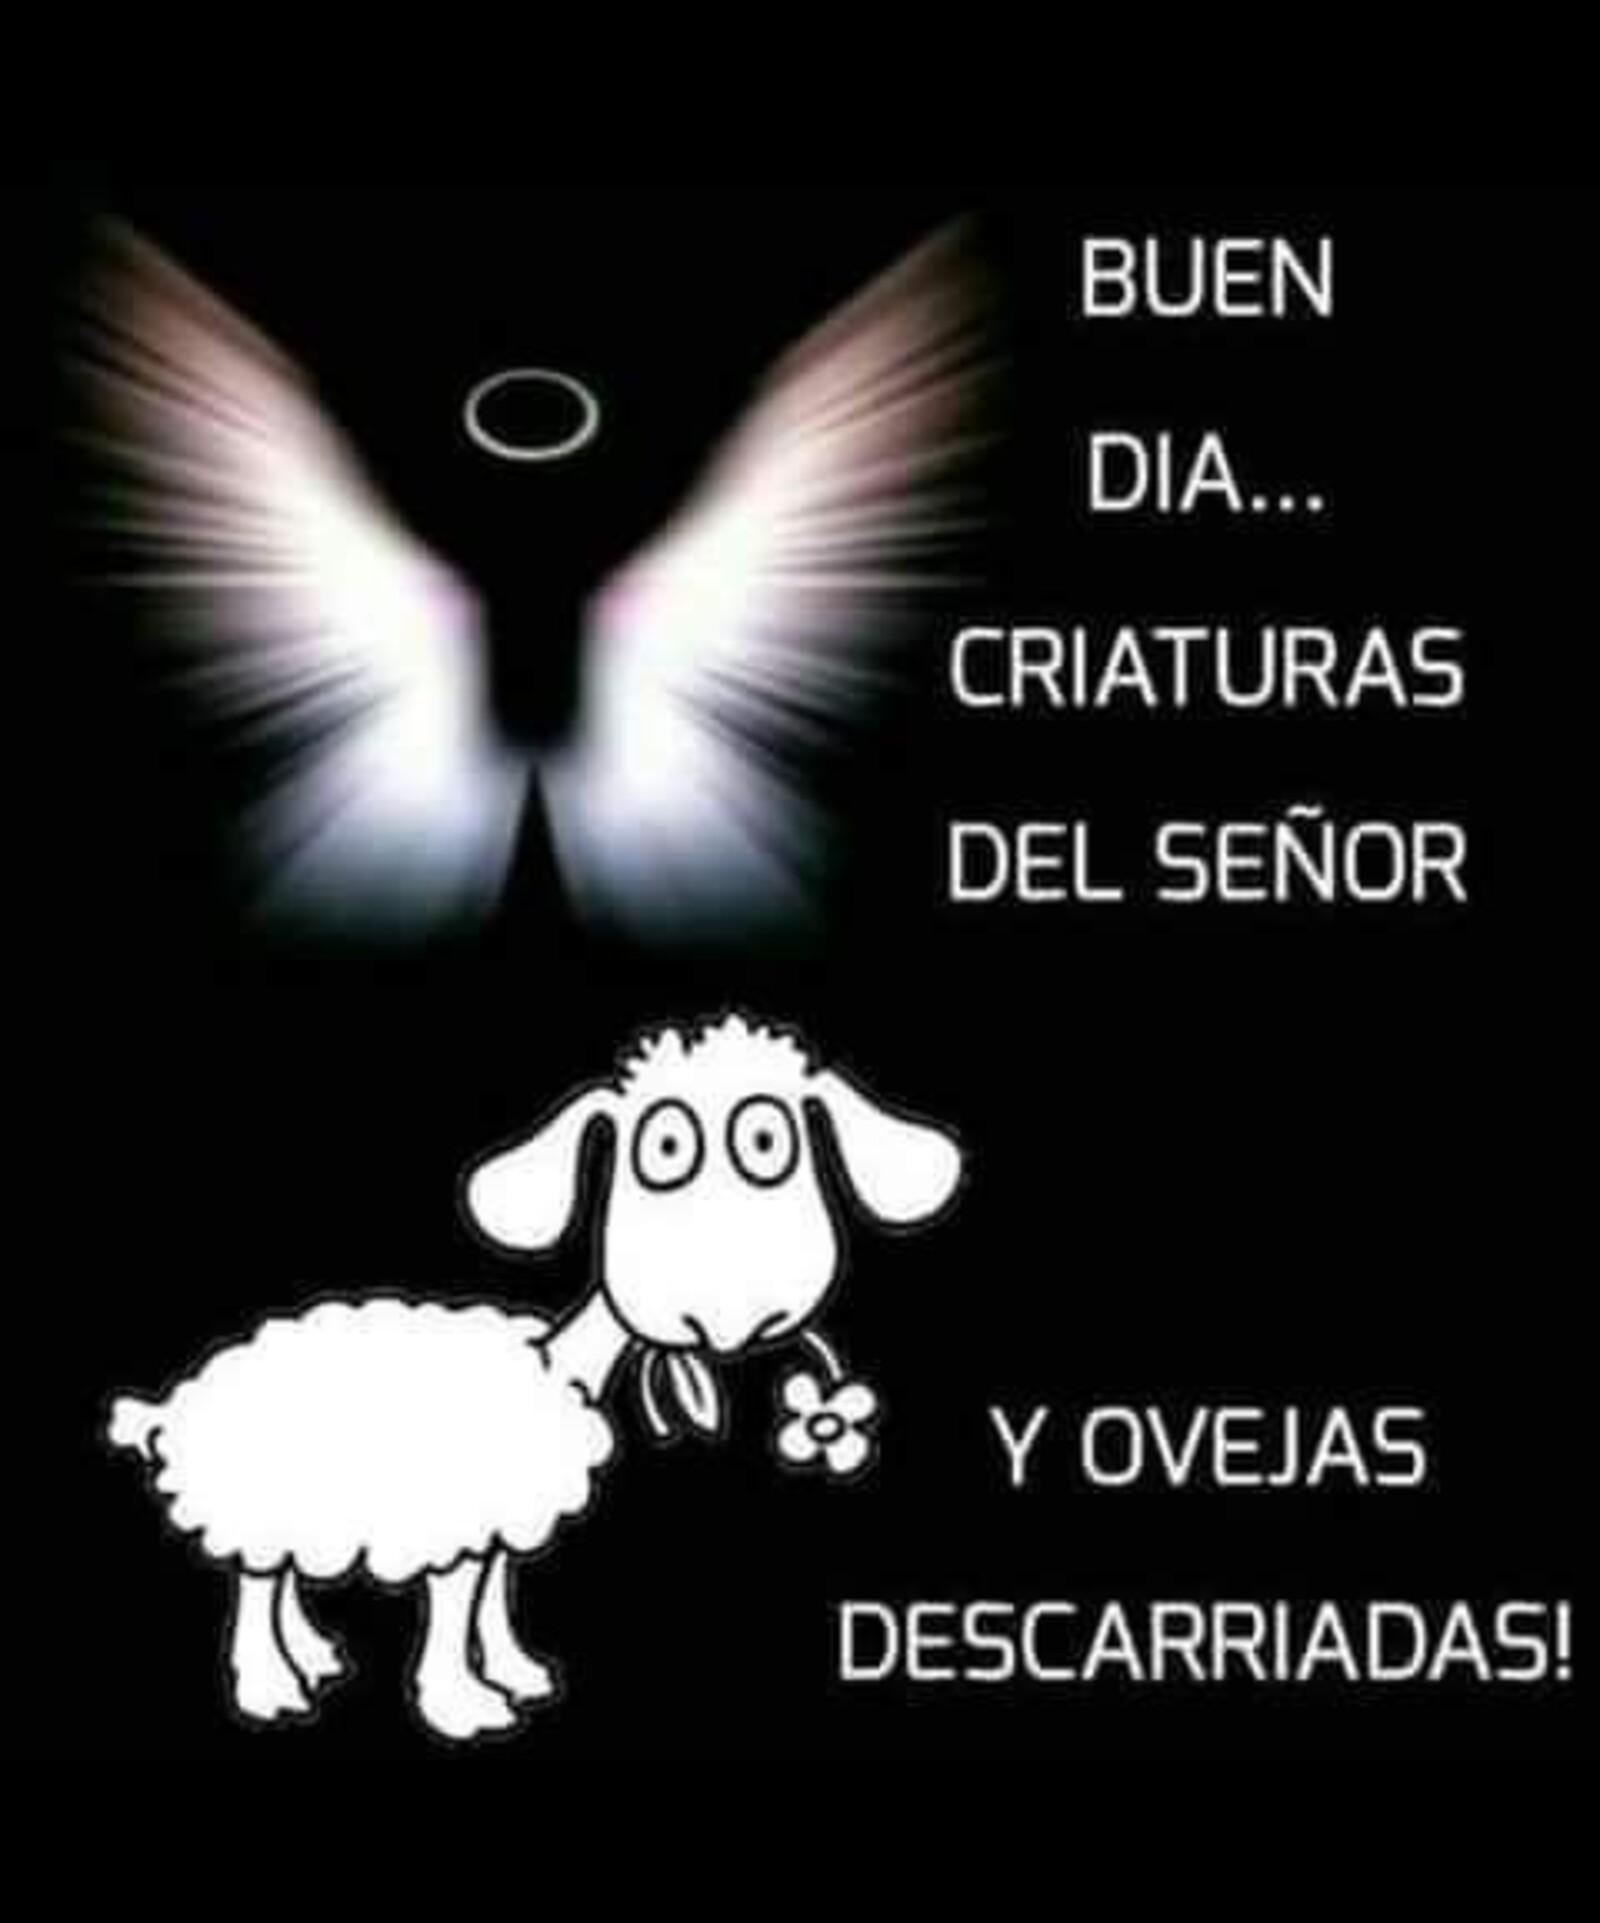 Buen día...criaturas del Señor y ovejas descarriadas!